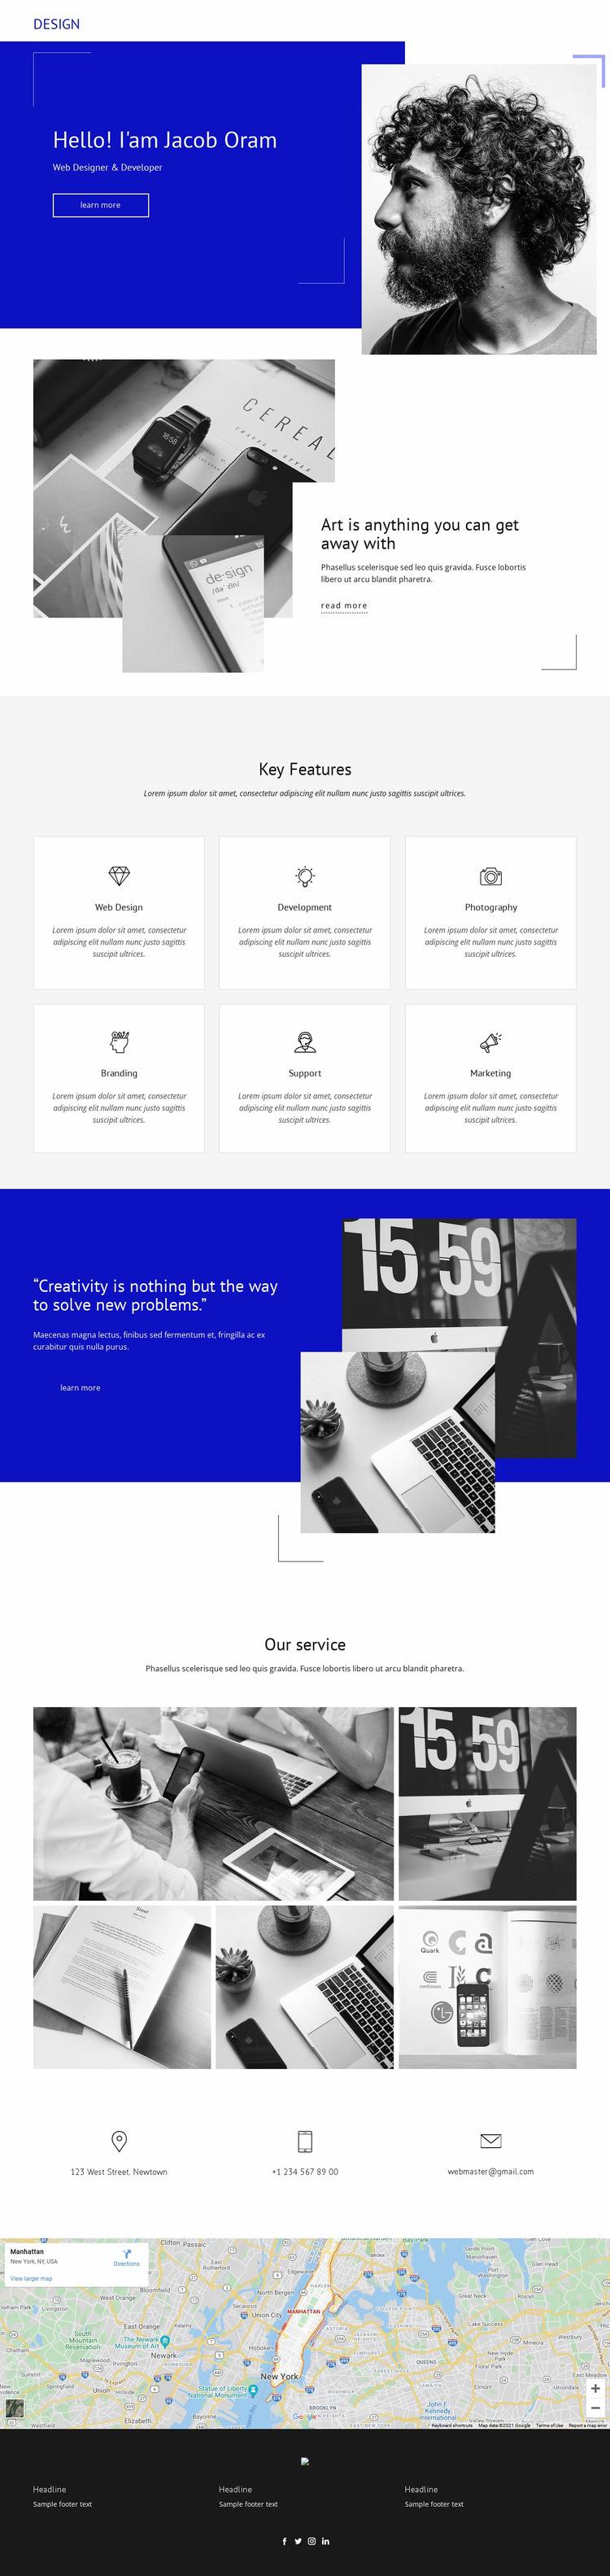 Jacob Oram Portfolio Website Builder Templates